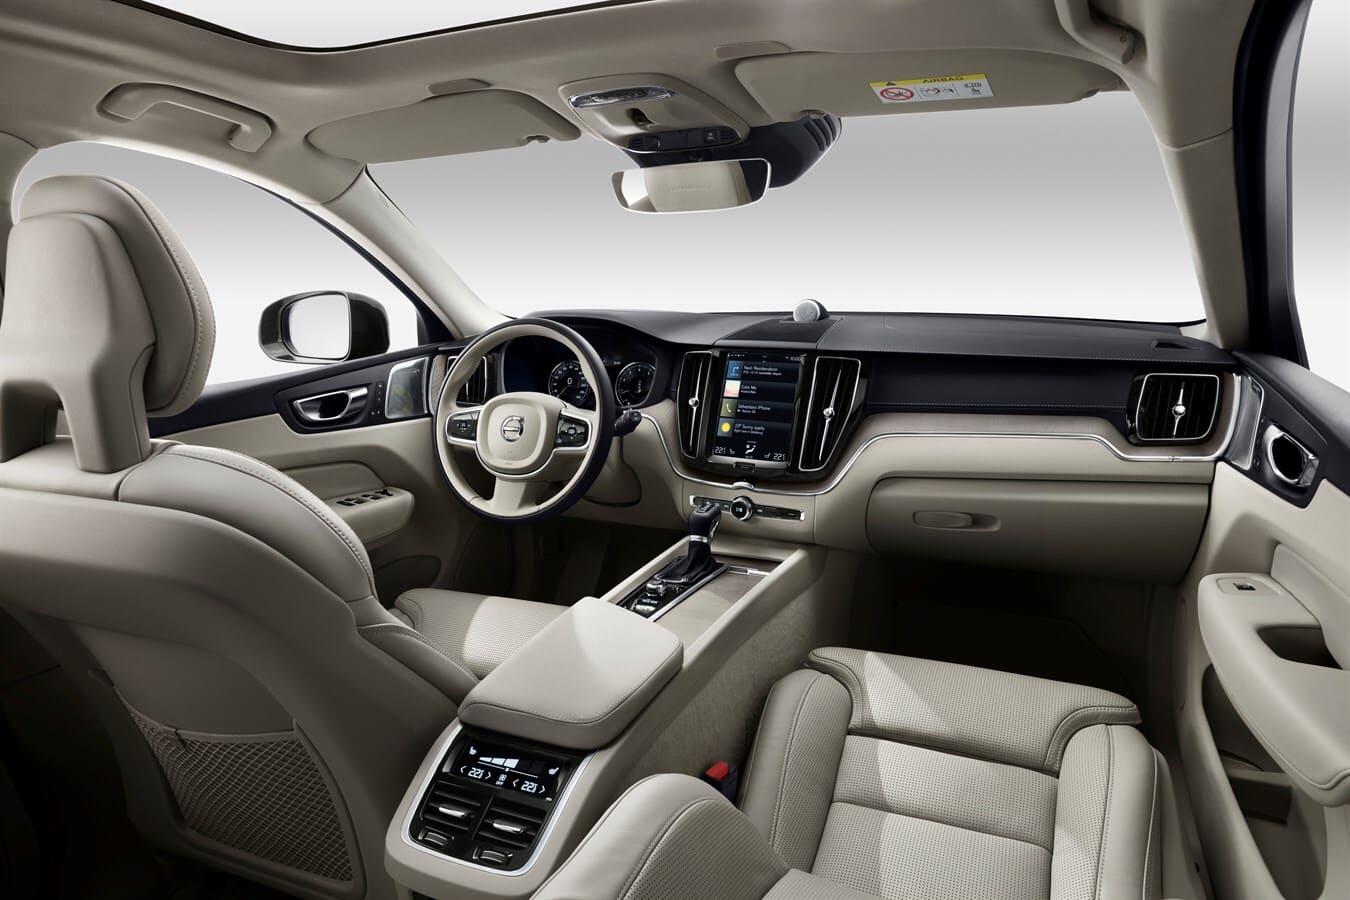 Volvo XC60 interiér, dlhodobý prenájom Volvo, Avis